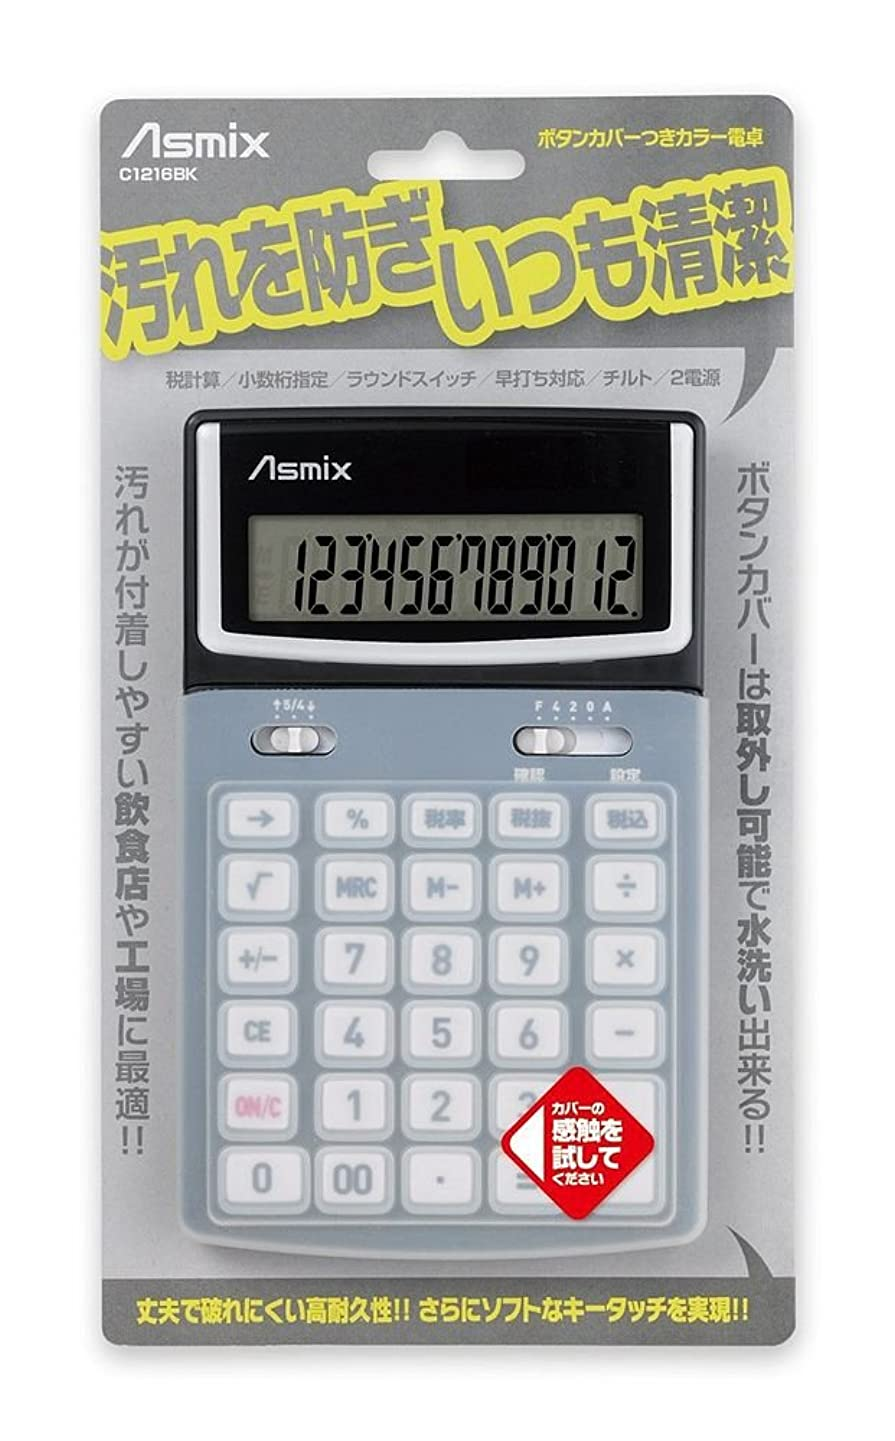 お母さんグラス受賞(まとめ買い) アスカ Asmix ボタンカバー付き カラー電卓 ブラック C1216BK 【×3】